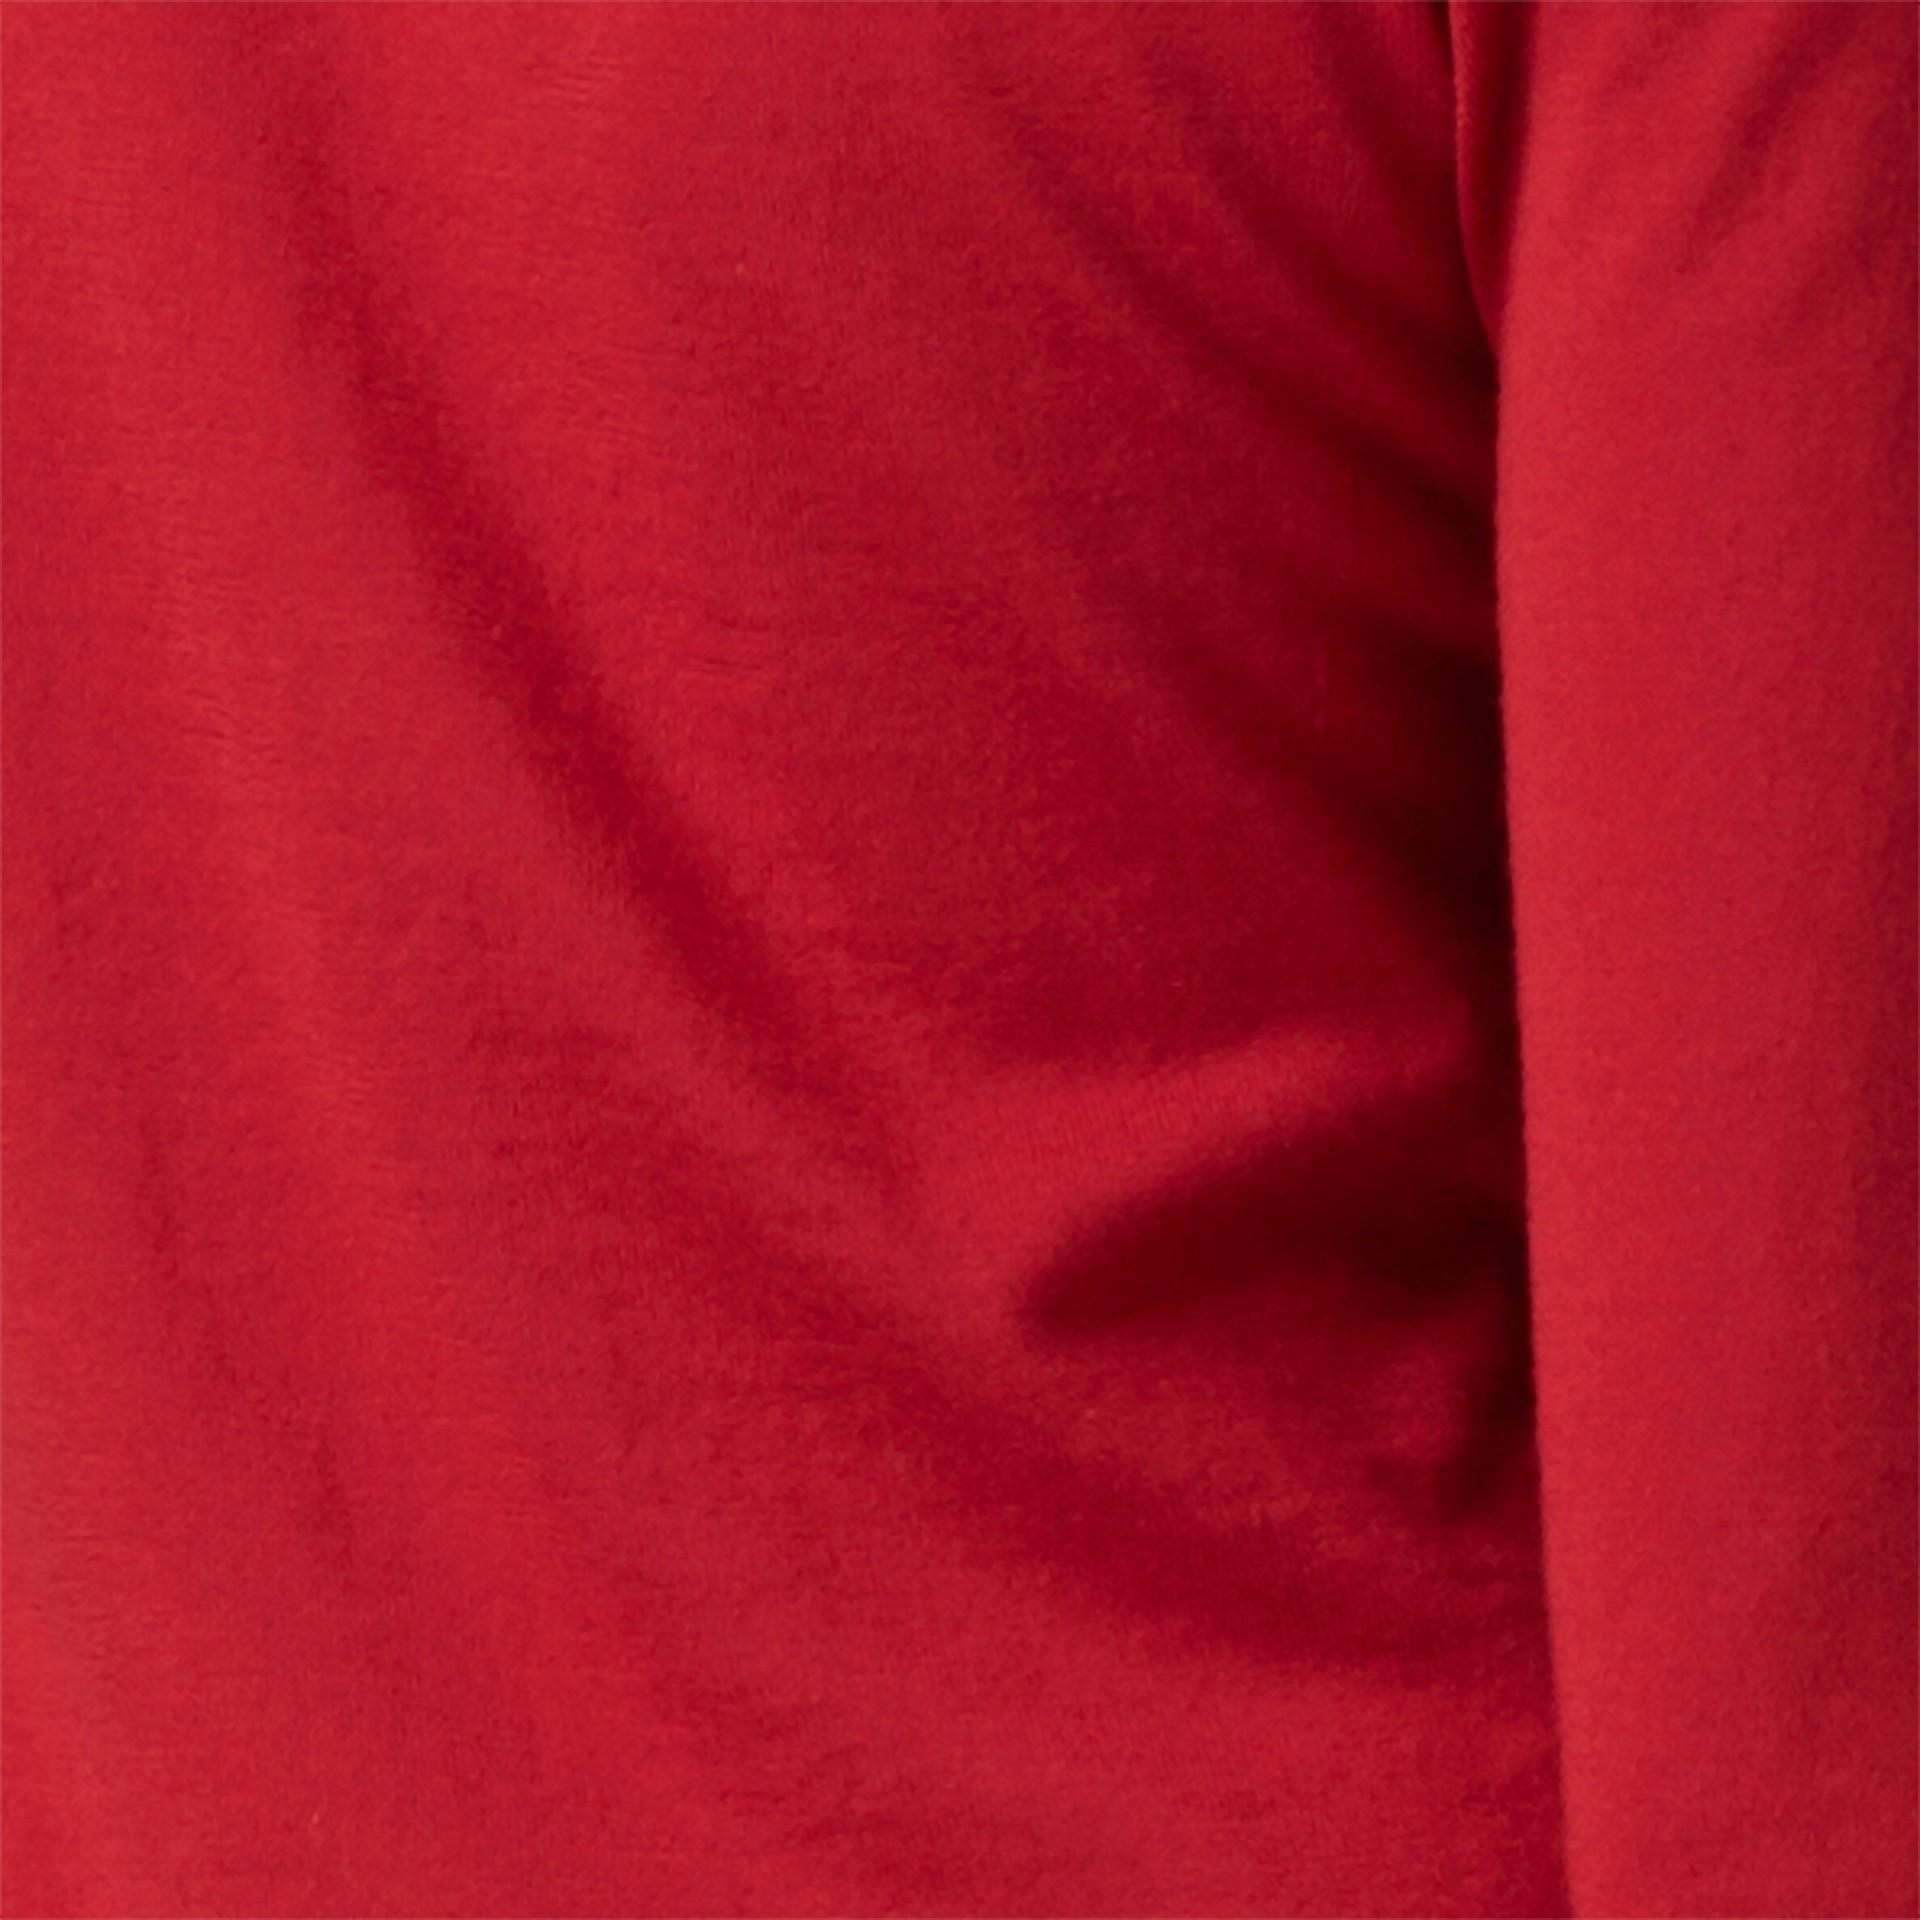 Rosso militare Cardigan in lana con paramontura con motivo check Rosso Militare - immagine della galleria 2